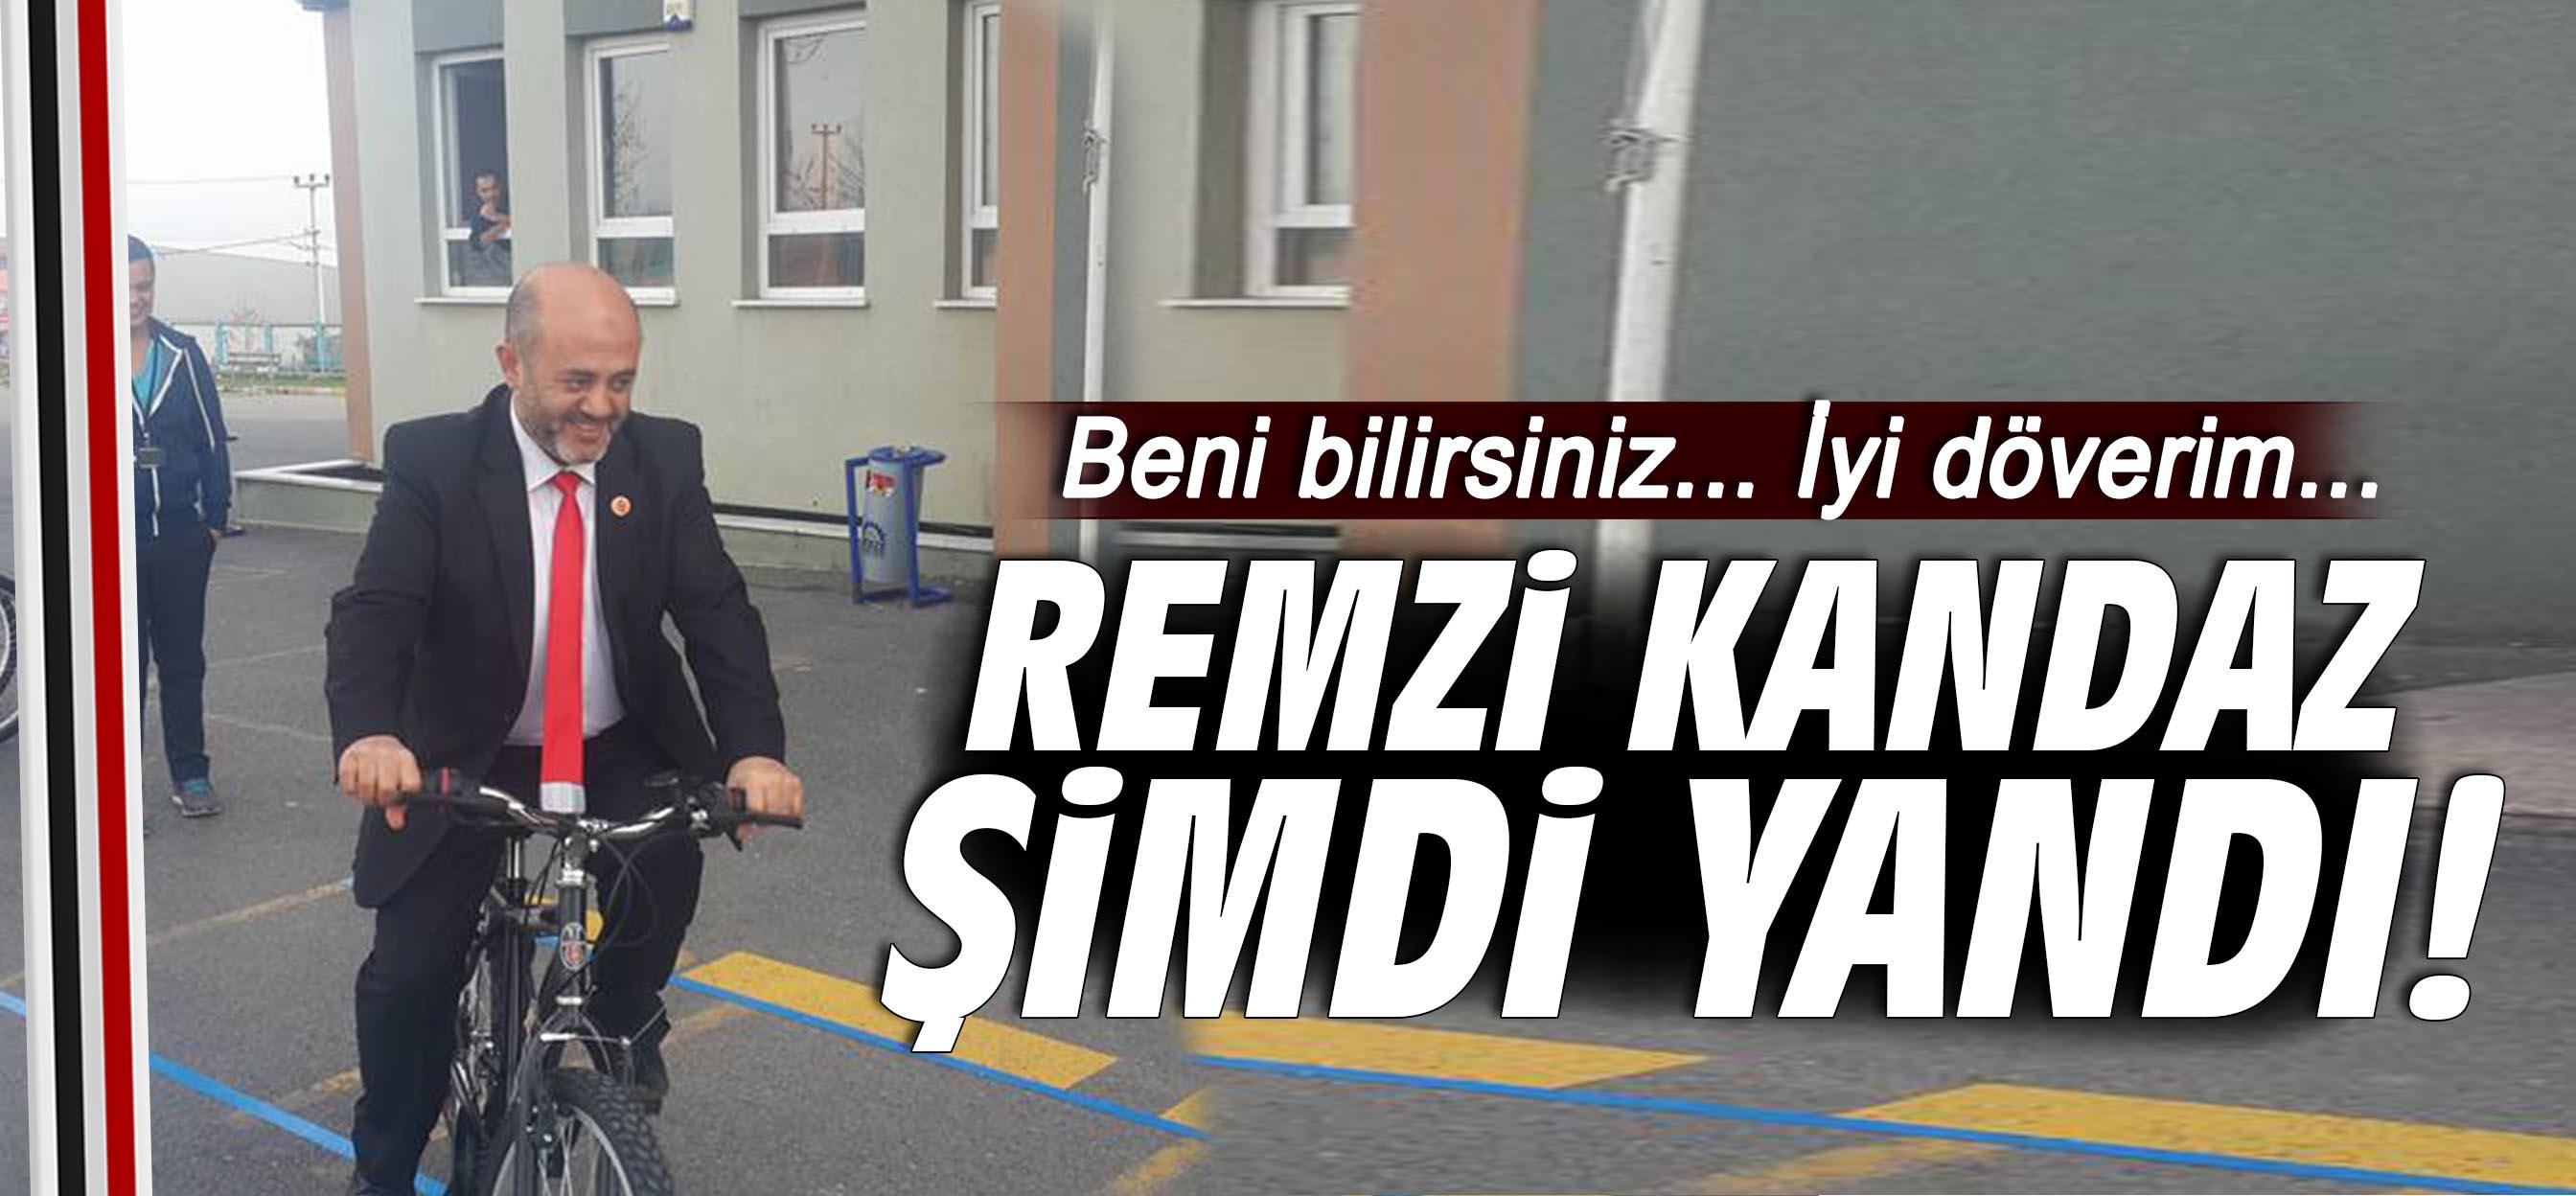 Remzi Kandaz şimdi yandı!